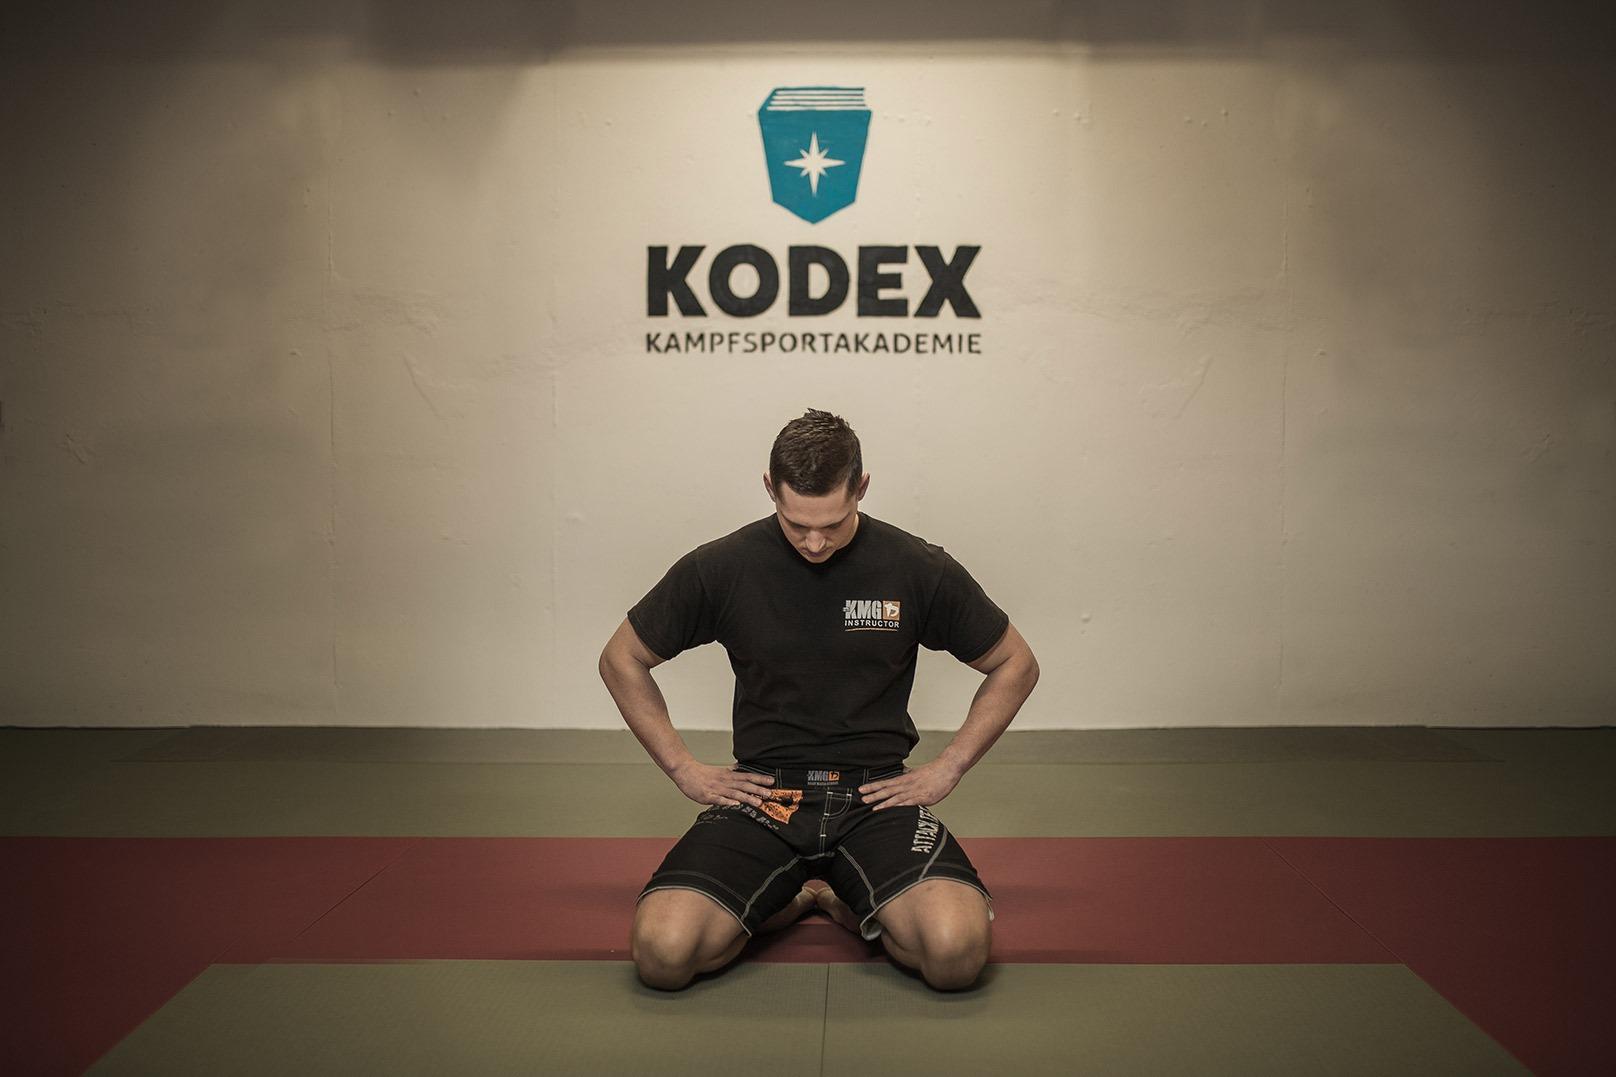 Turnschuhe 2018 angemessener Preis besser Kampfsportschule Nürnberg & Schwaig | Kodex Kampfsport Akademie